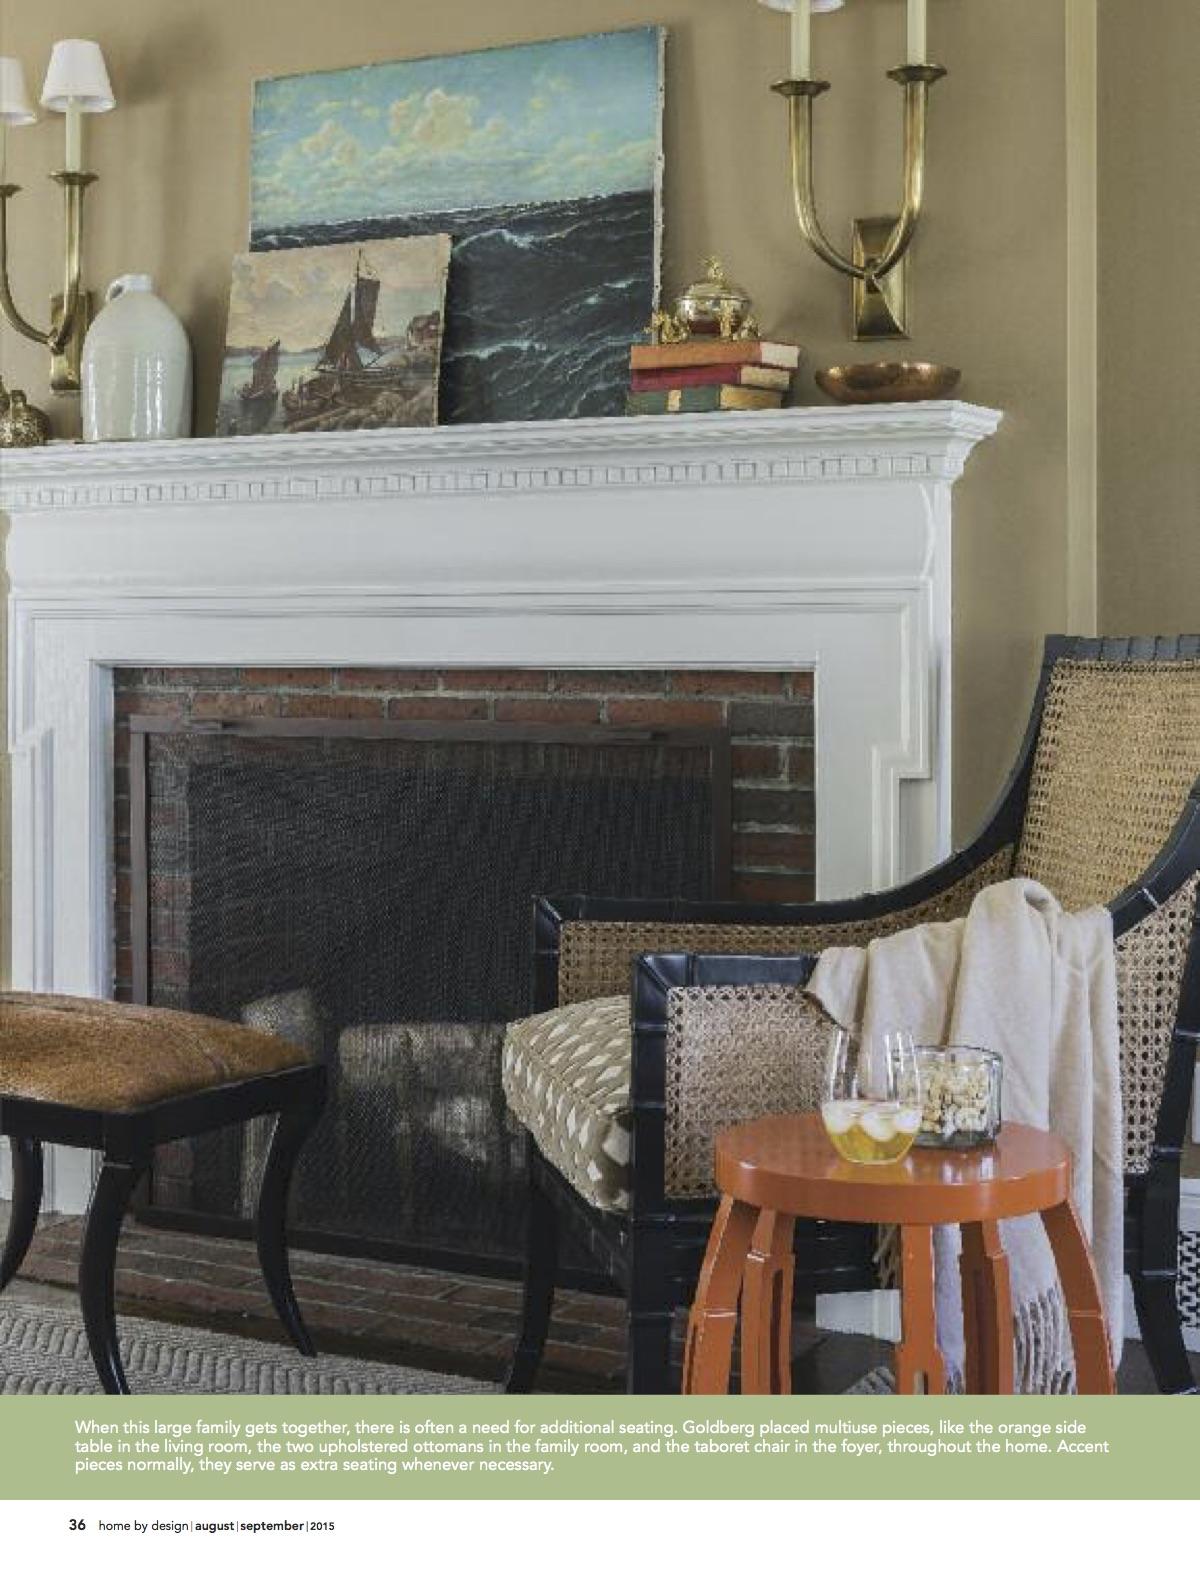 Best Kitchen Gallery: Home By Design Magazine Hudson Interior Designs of Home By Design Magazine  on rachelxblog.com